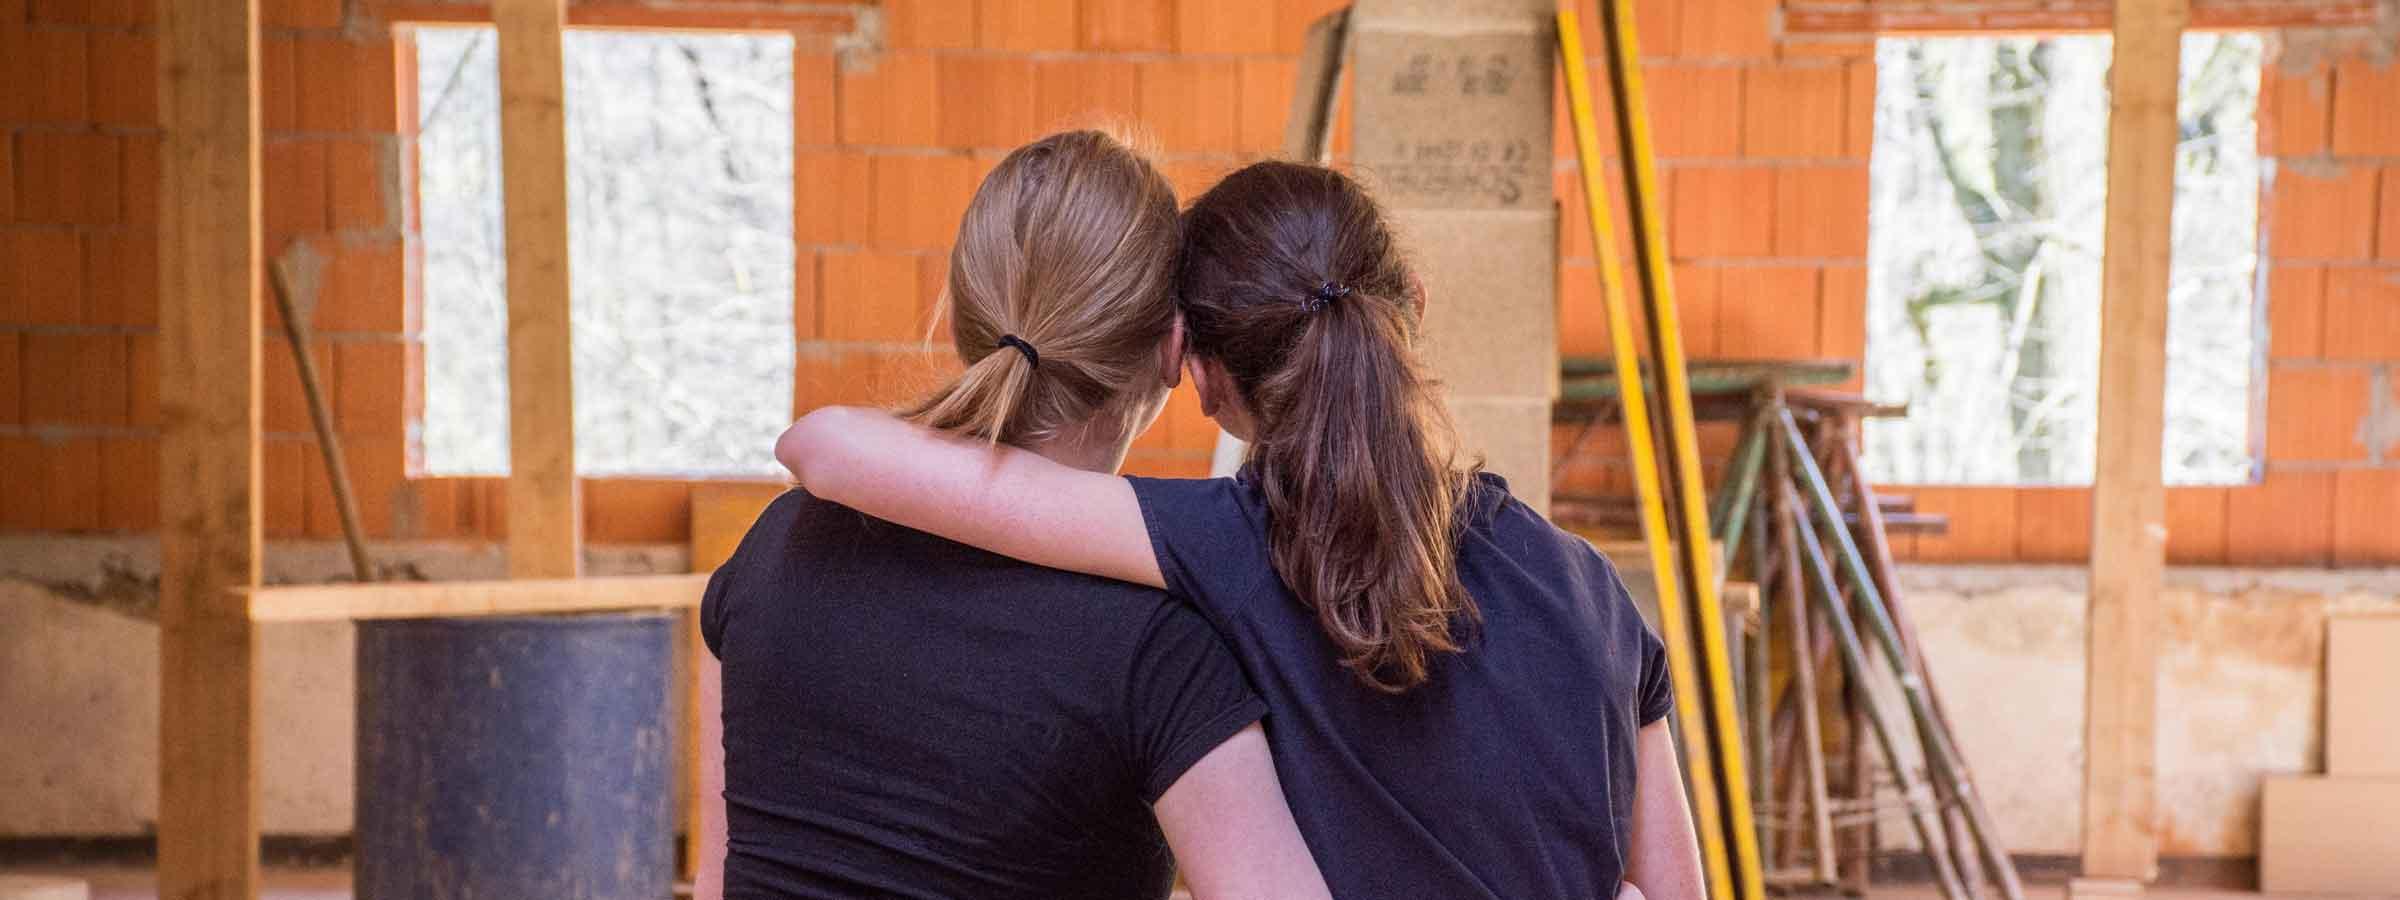 Mamma e figlia ammirano i lavori di ristrutturazione della propria casa